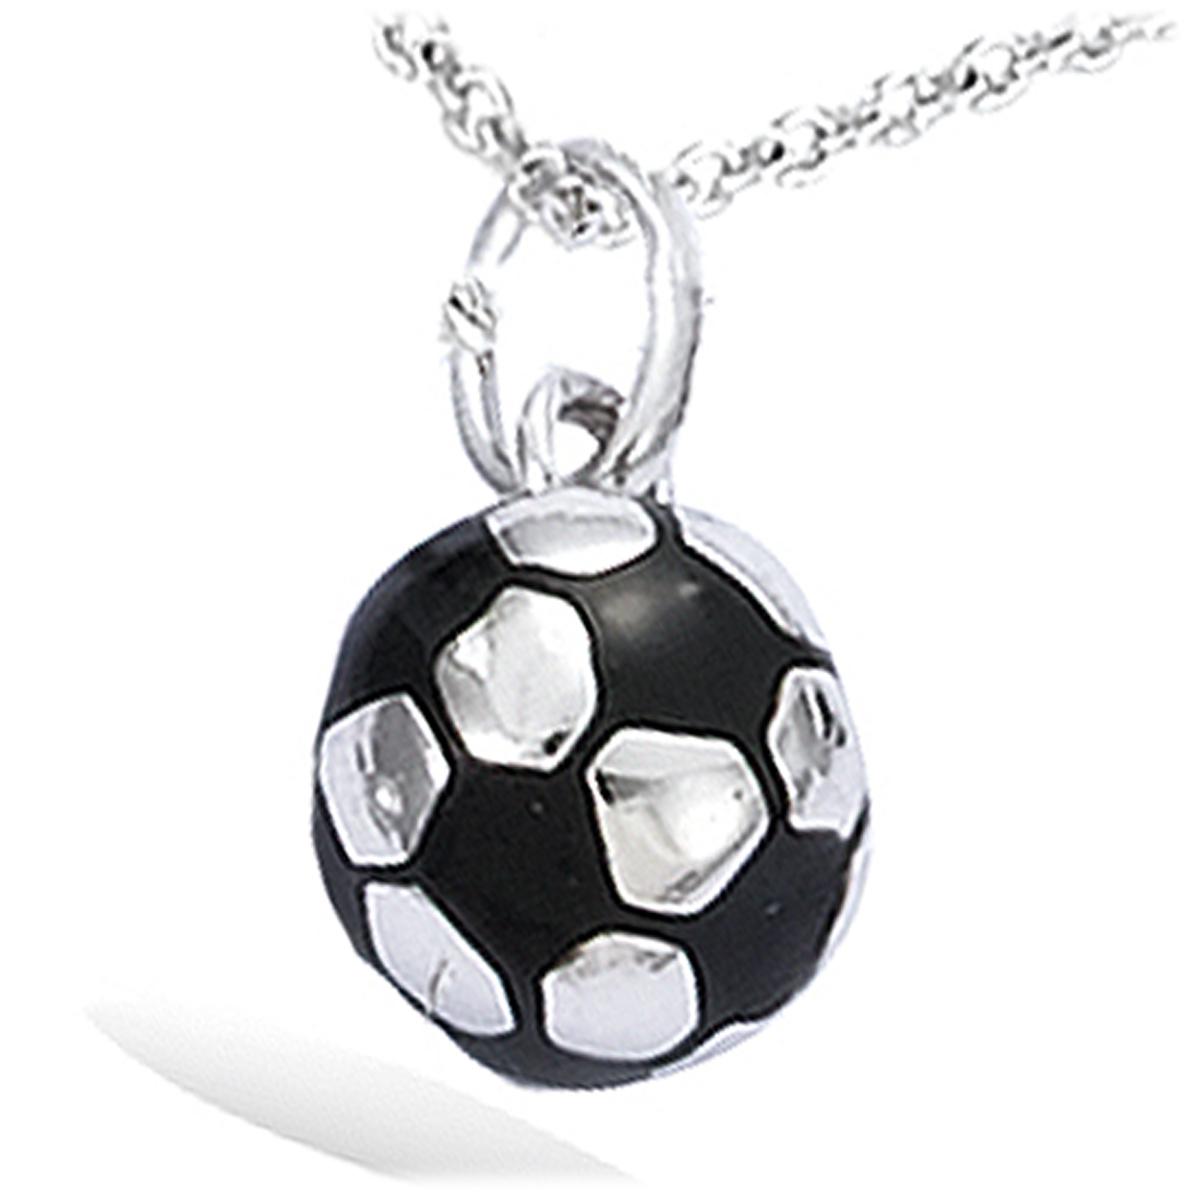 Pendentif Argent \'Football\' noir argenté (rhodié) - 10 mm - [C6930]